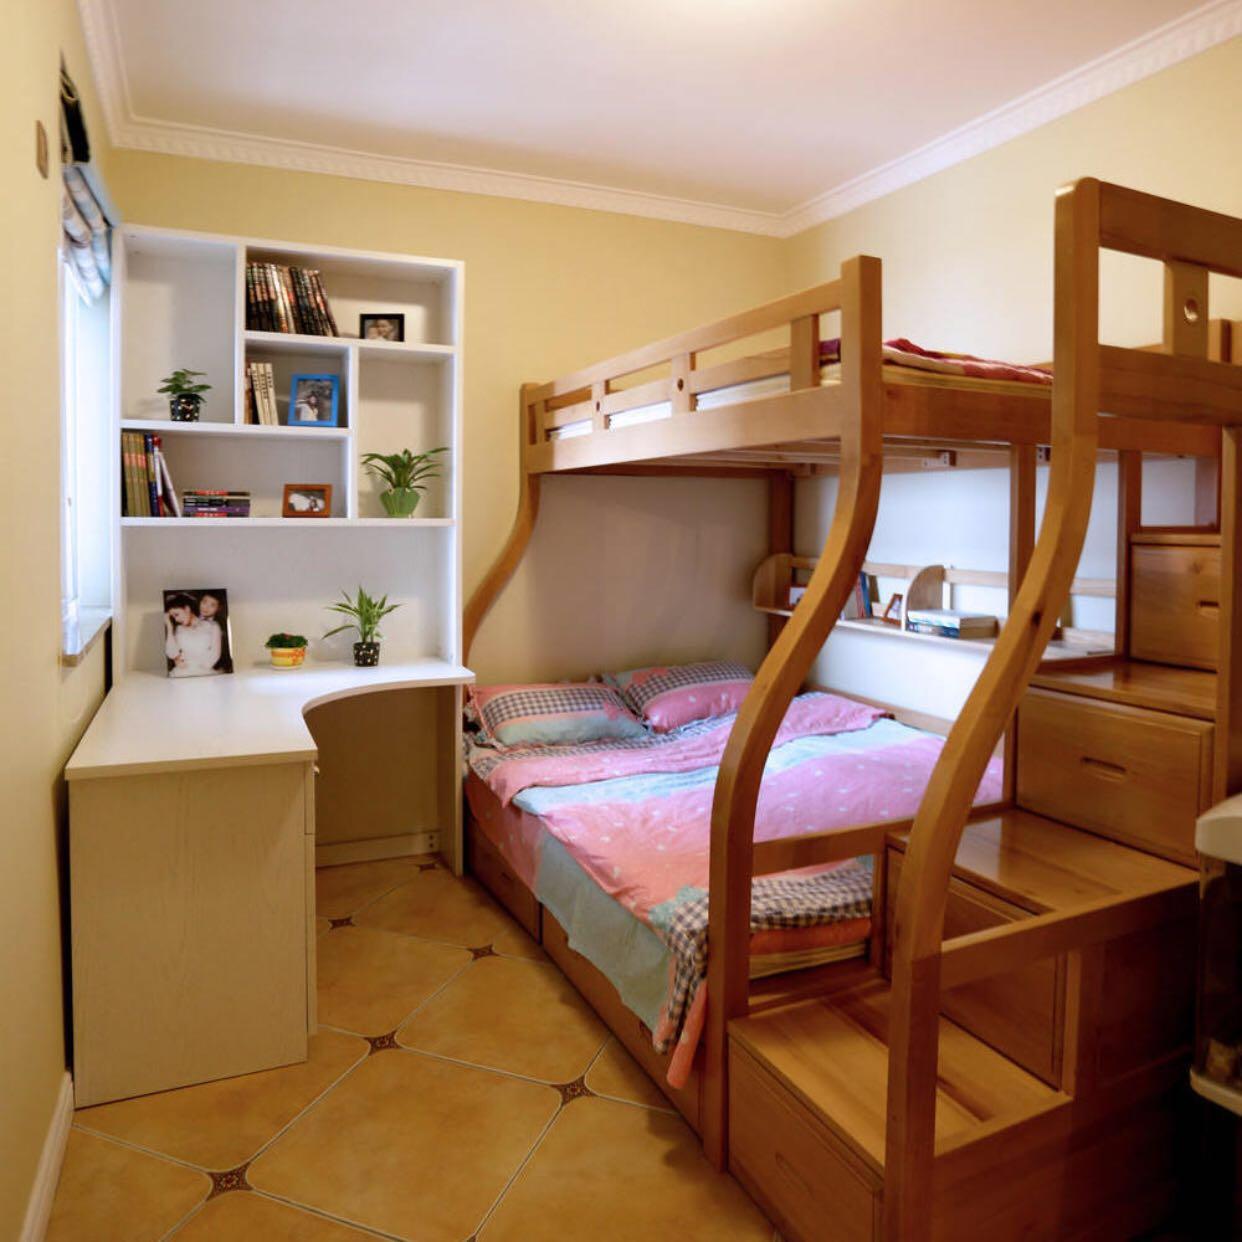 混搭 80后 小资 儿童房图片来自北京轻舟幸福亿家装饰晶晶在102平混搭风格的分享